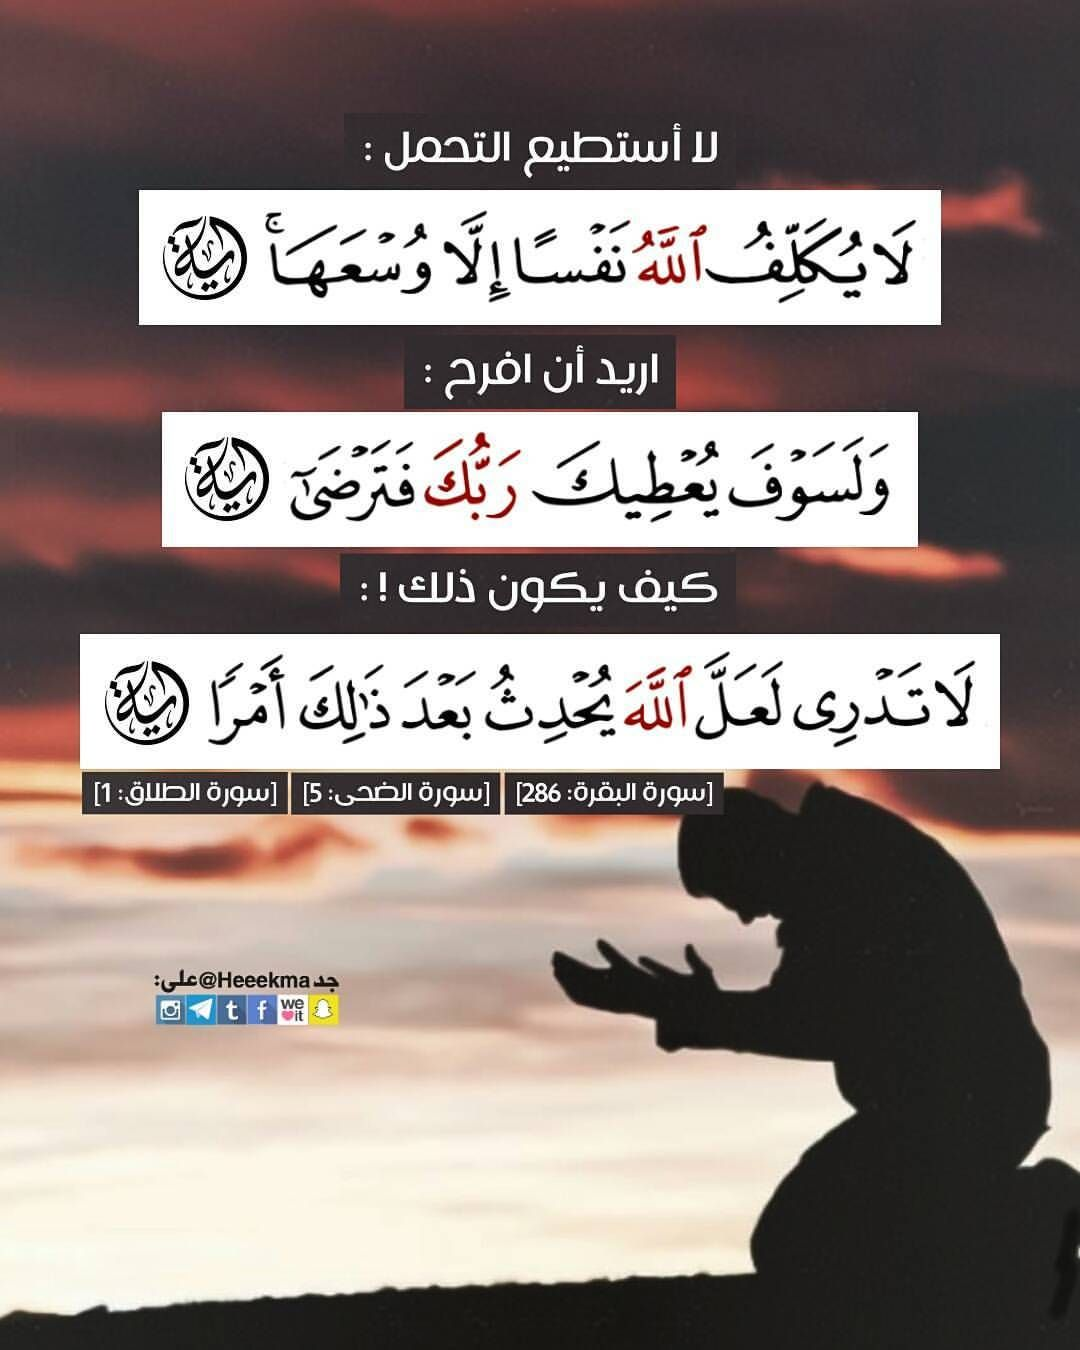 ﻻ استطيع التحمل ﻻيكلف الله نفسا إﻻ وسعها أريد أن أفرح ولسوف يعطيك ربك فترضى كيف يكون ذلك ﻻ تد Quran Quotes Nice Inspirational Quotes Islamic Quotes